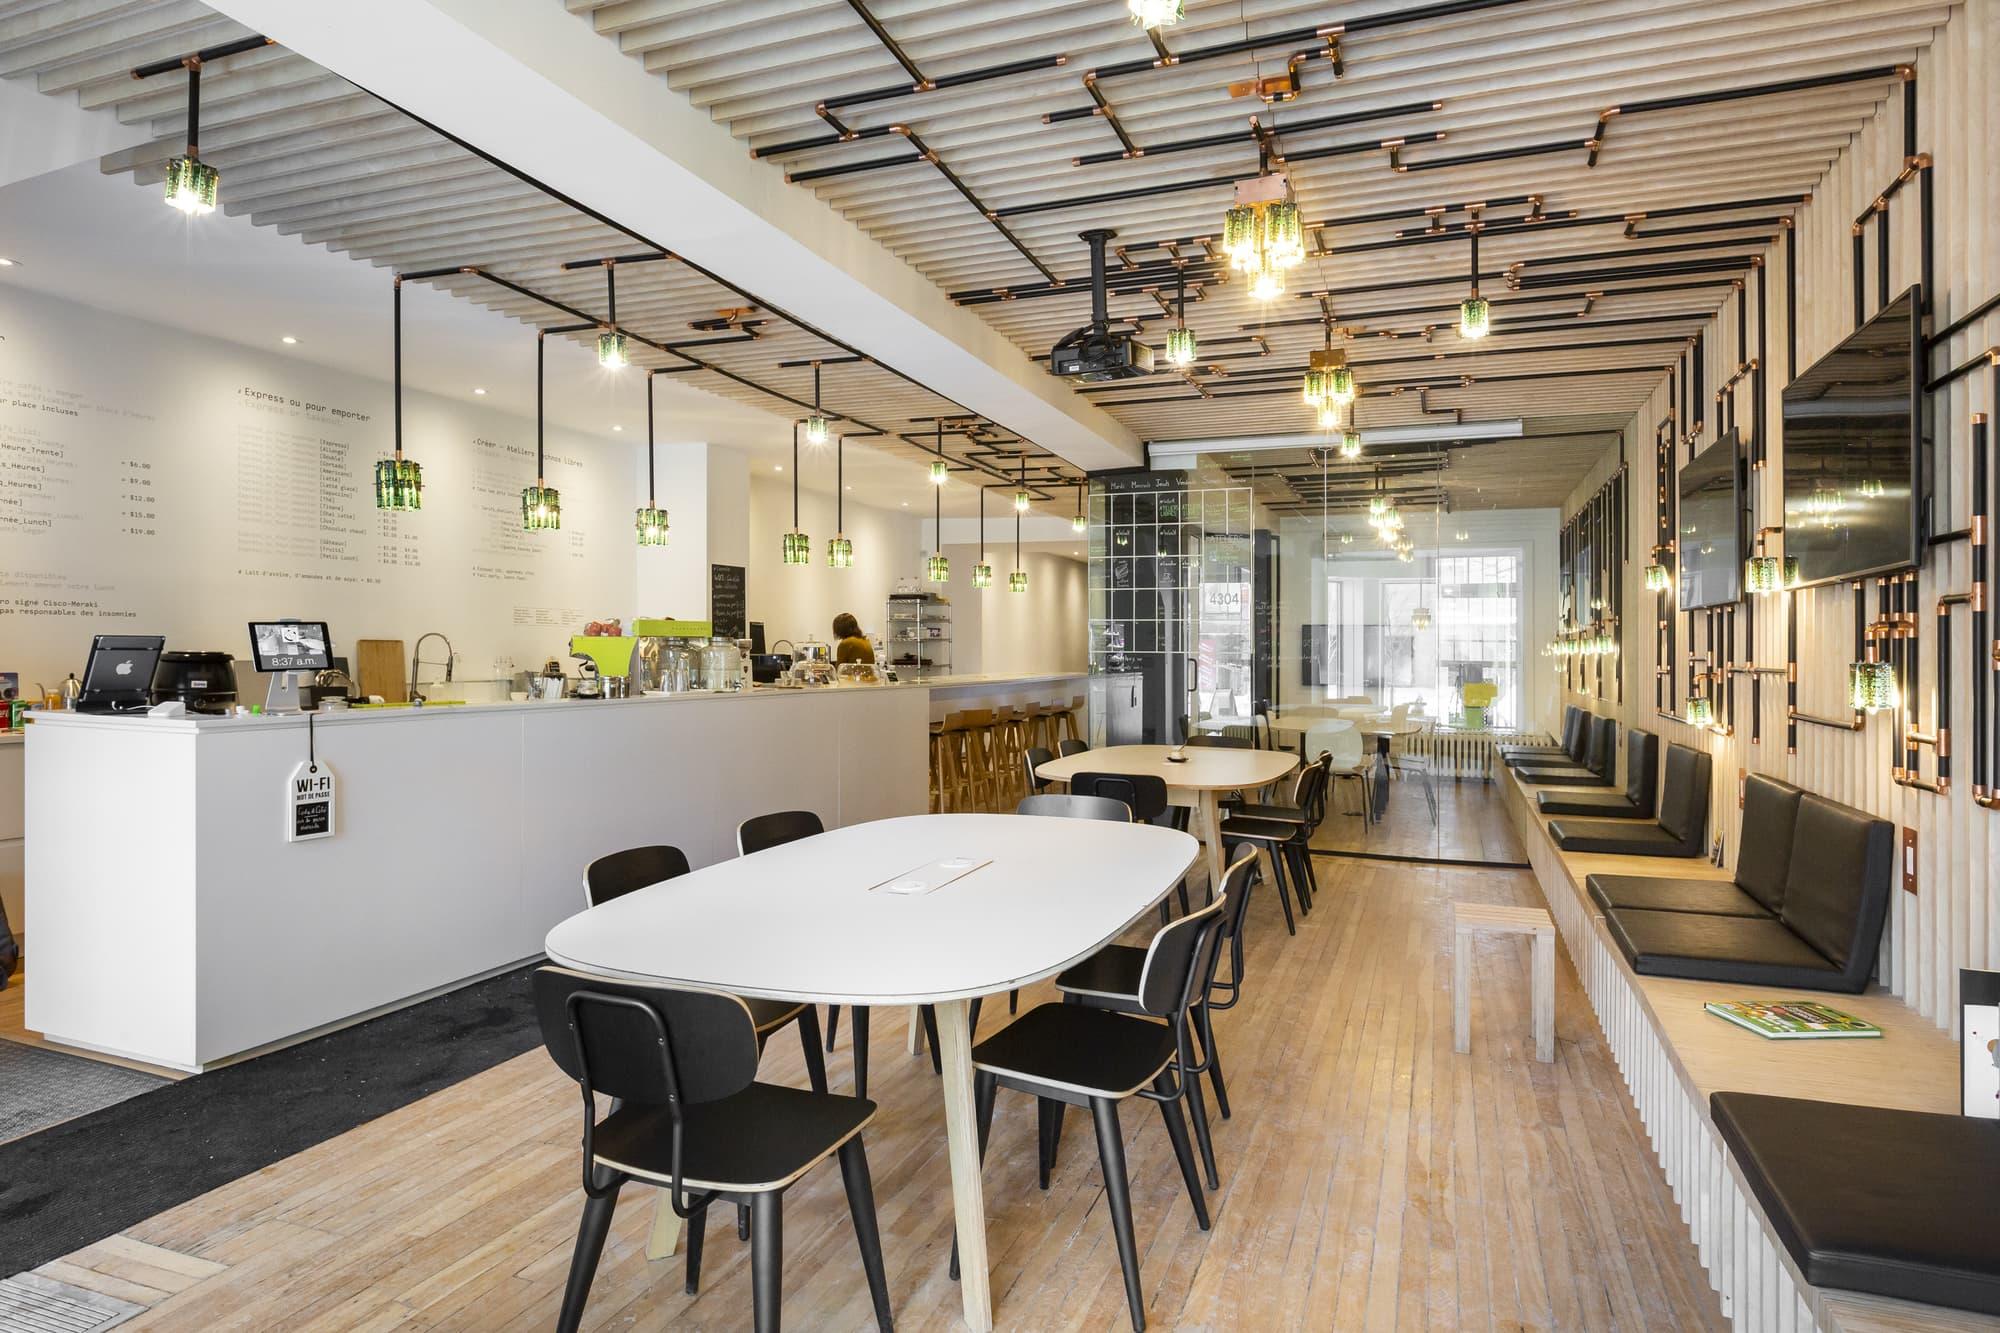 rénovation commerciale d'un café multifonctionnel - vue sur le comptoir blanc avec tables beiges